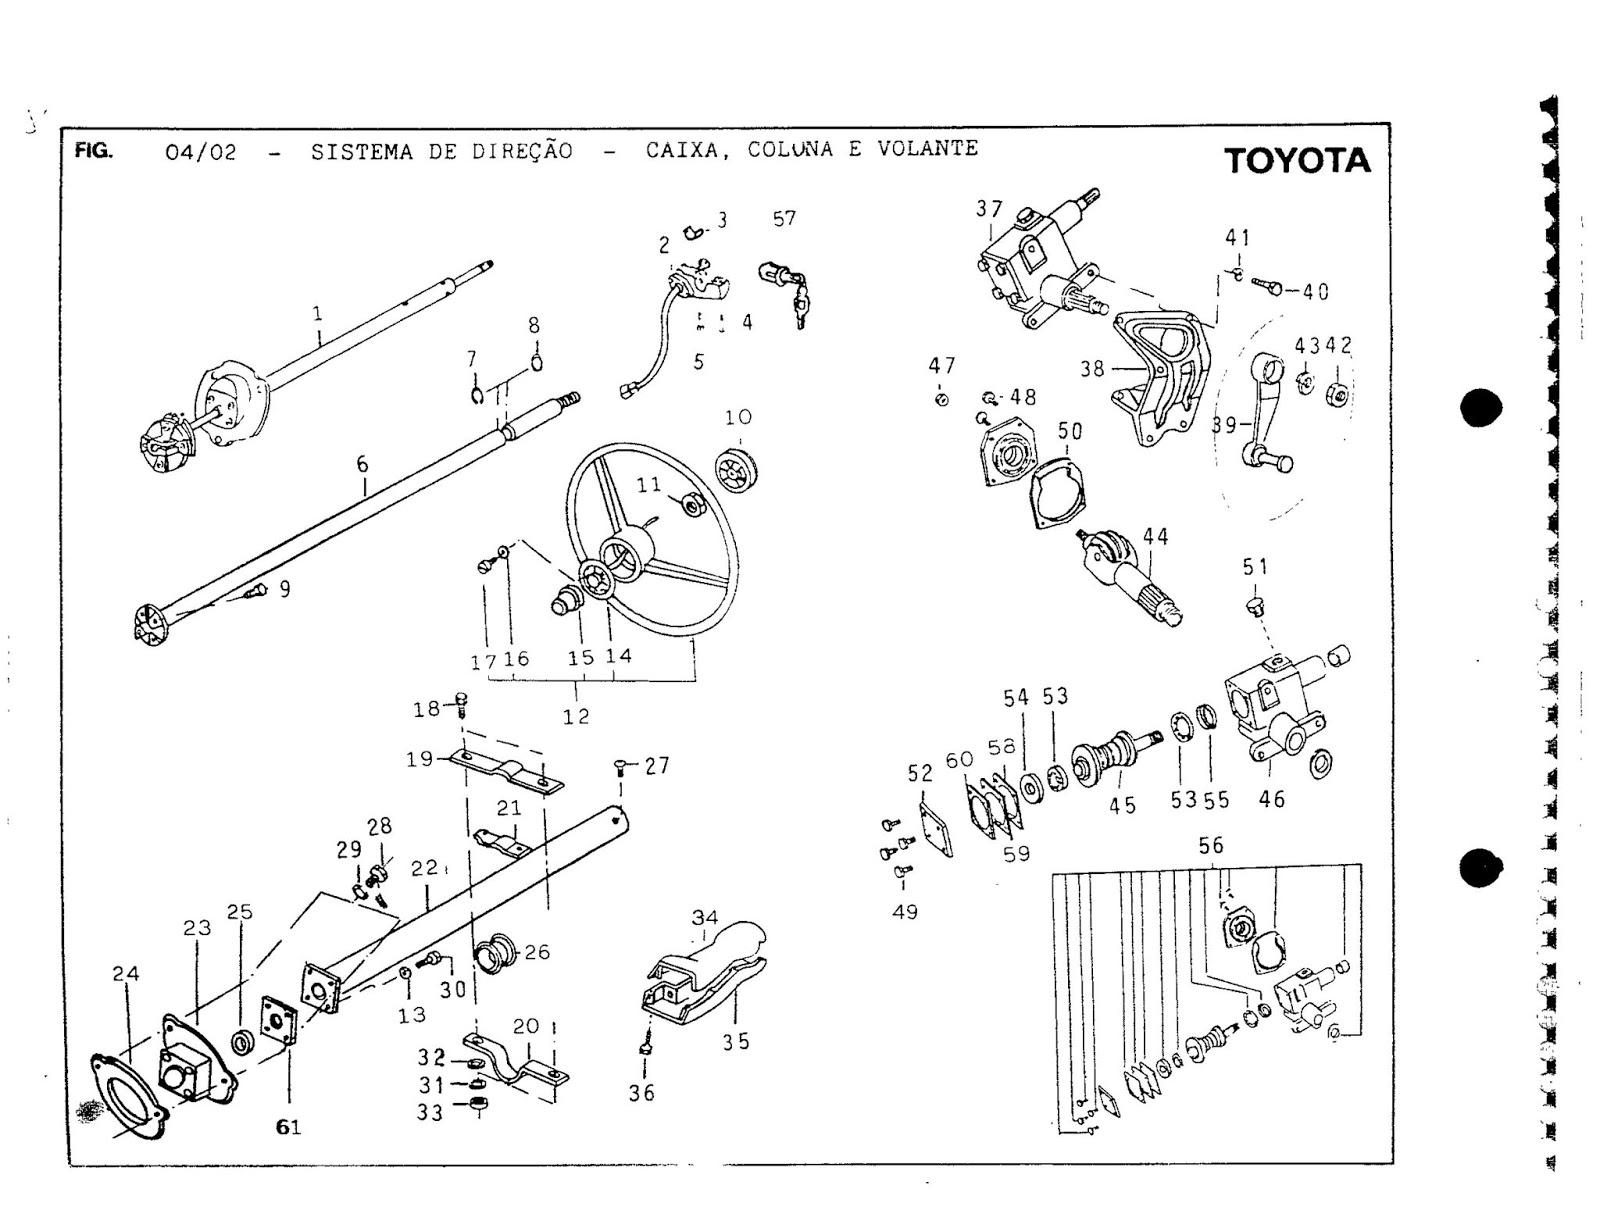 Manuais Do Proprietario Catalogo De Pecas Toyota